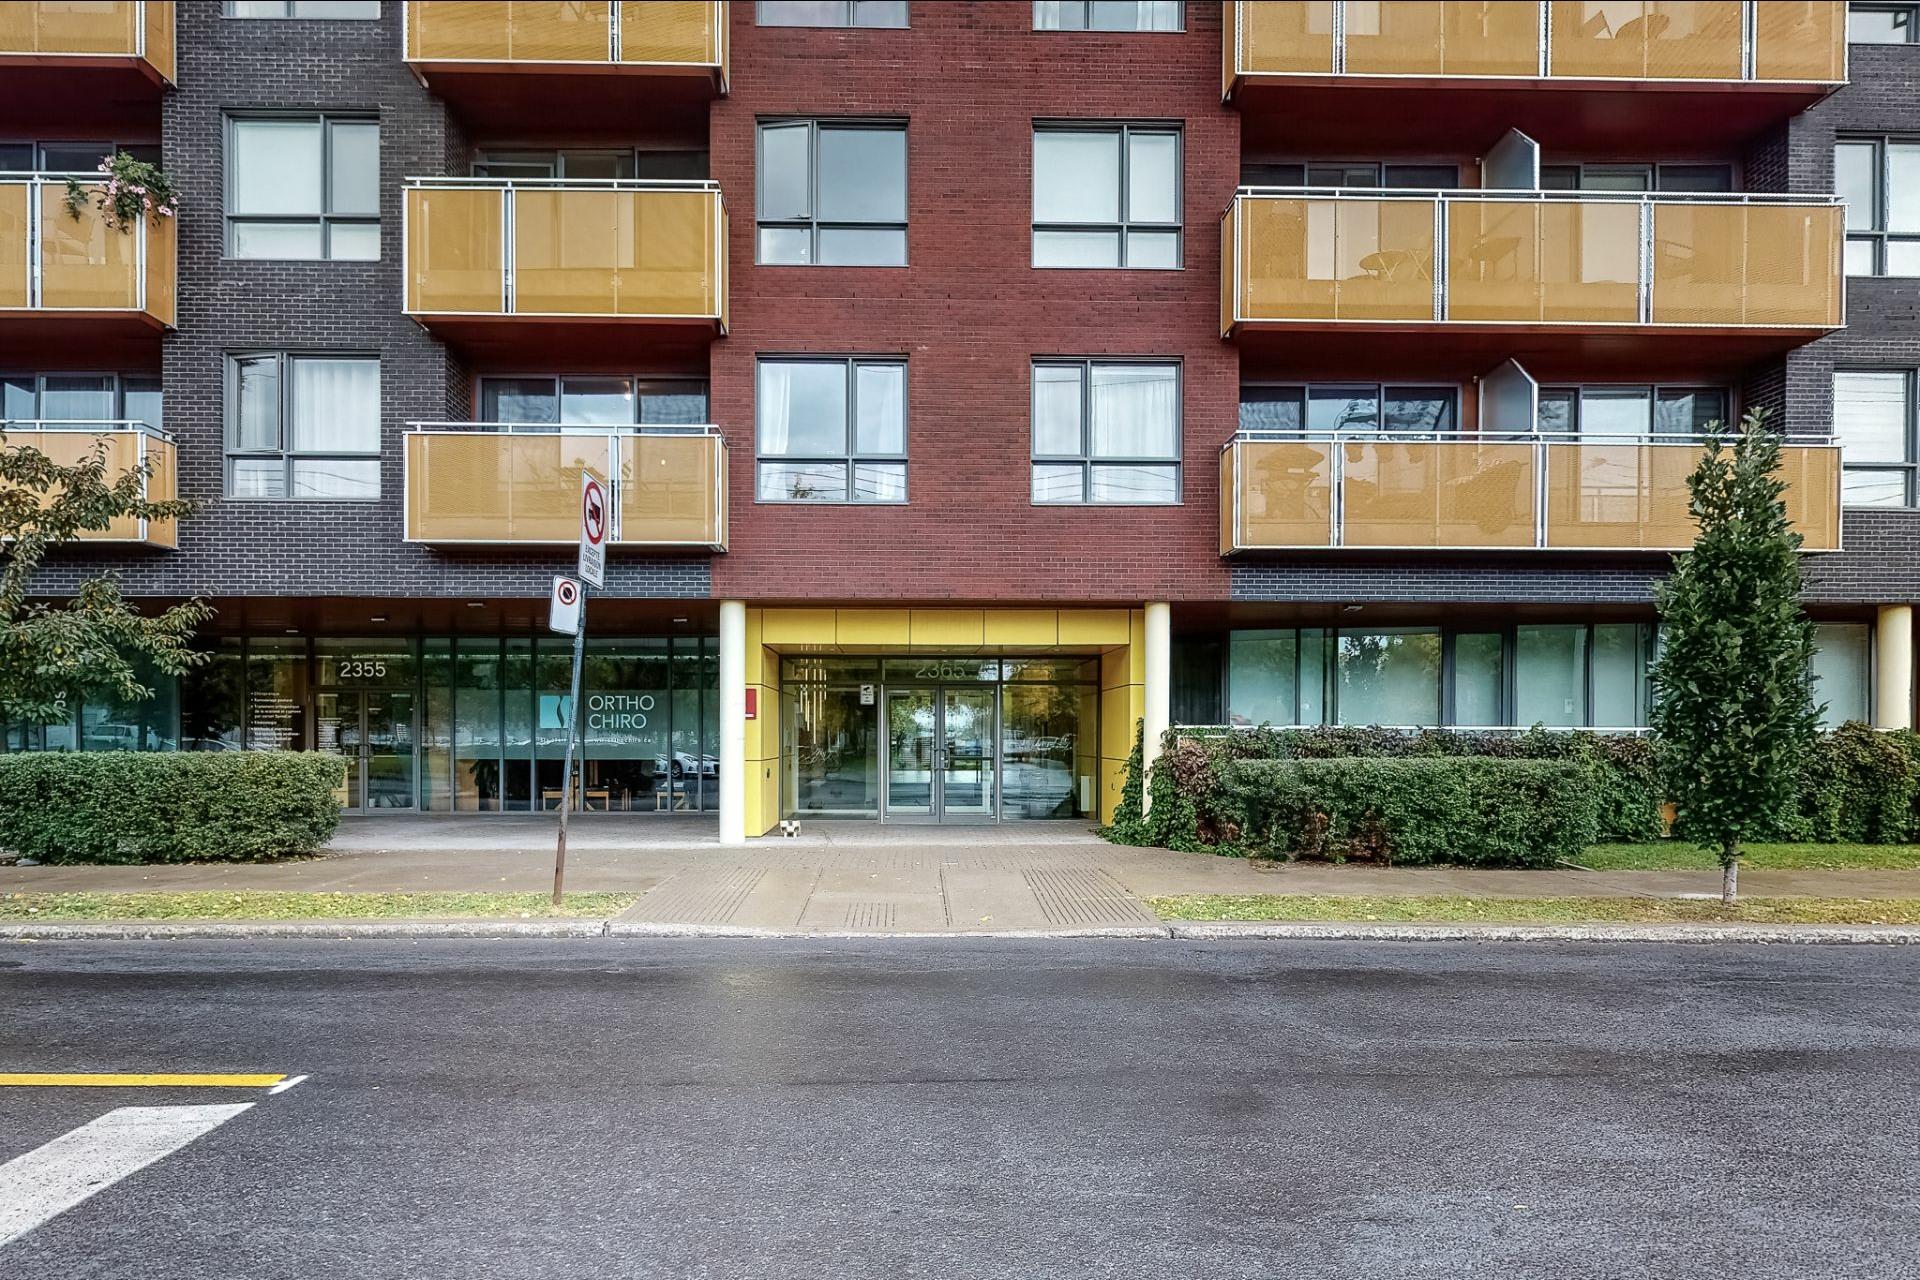 image 14 - Appartement À vendre Rosemont/La Petite-Patrie Montréal  - 3 pièces